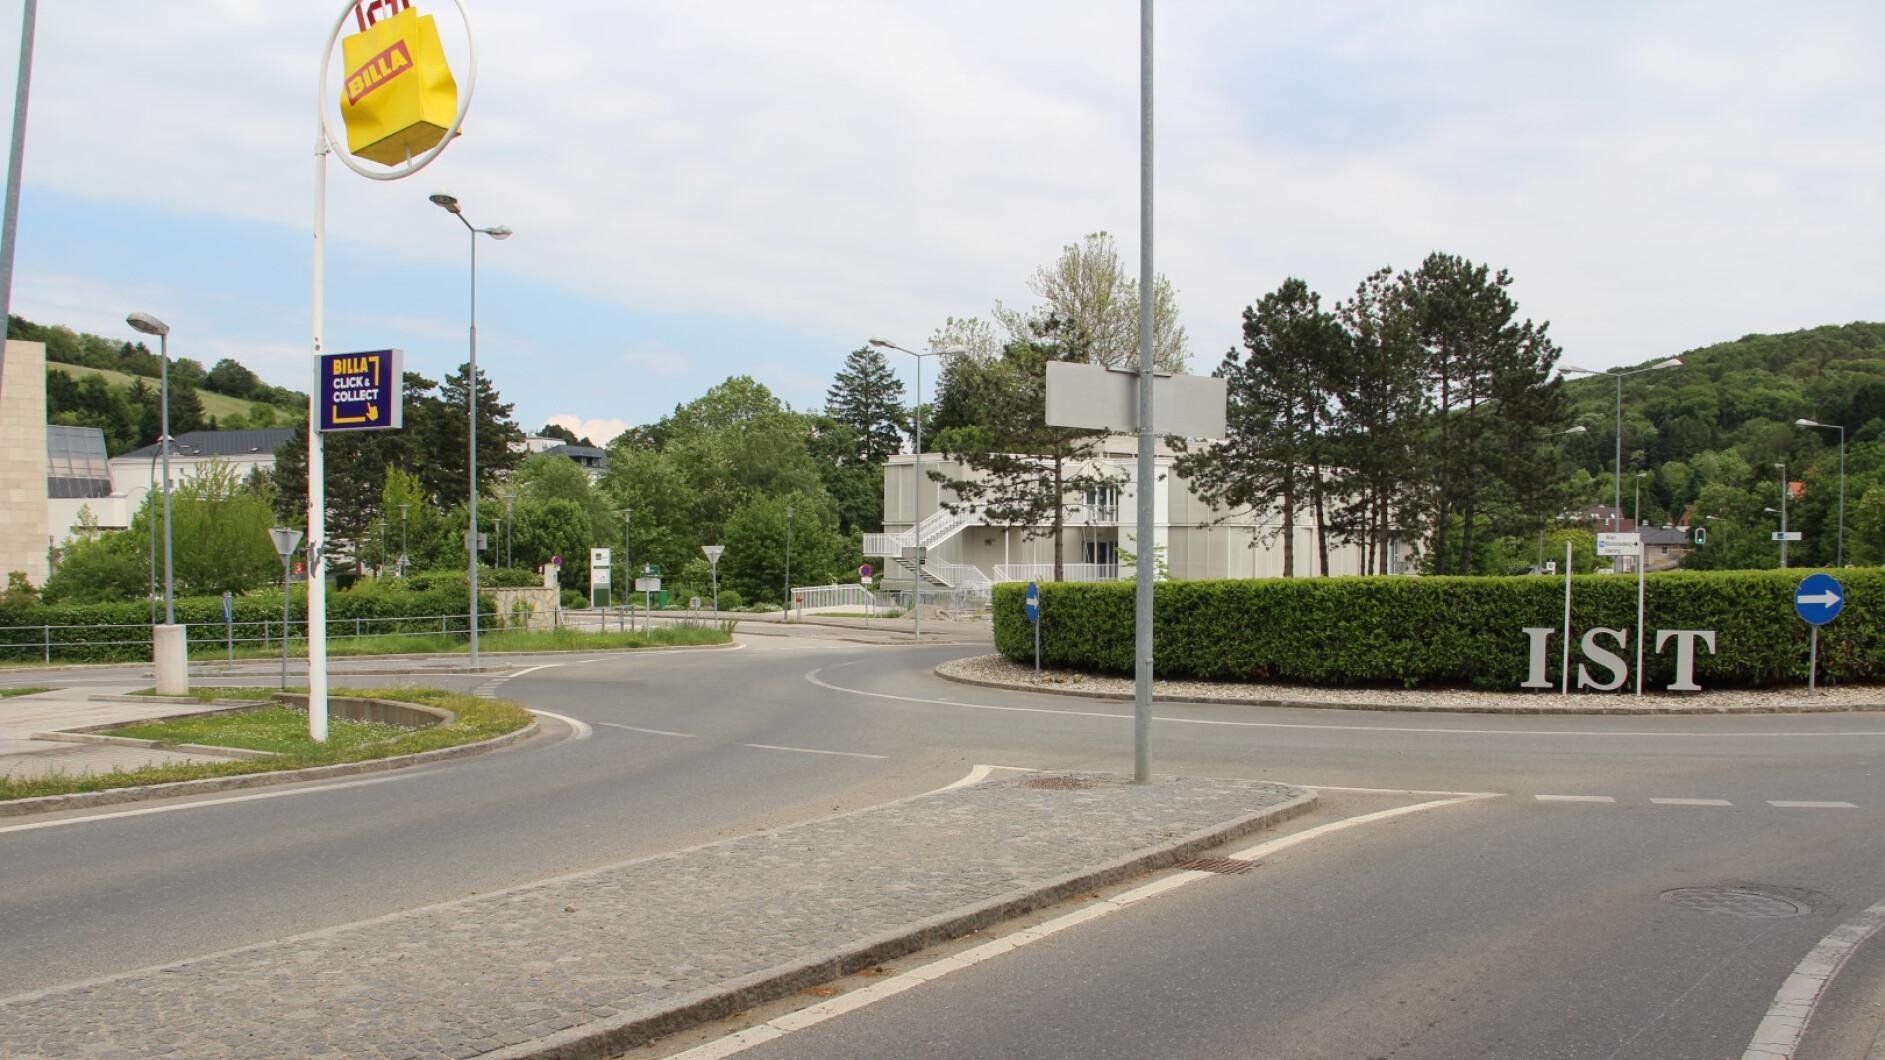 Maria-Gugging-Kreisverkehr-beim-IST-Austria-als-Sorgenkind